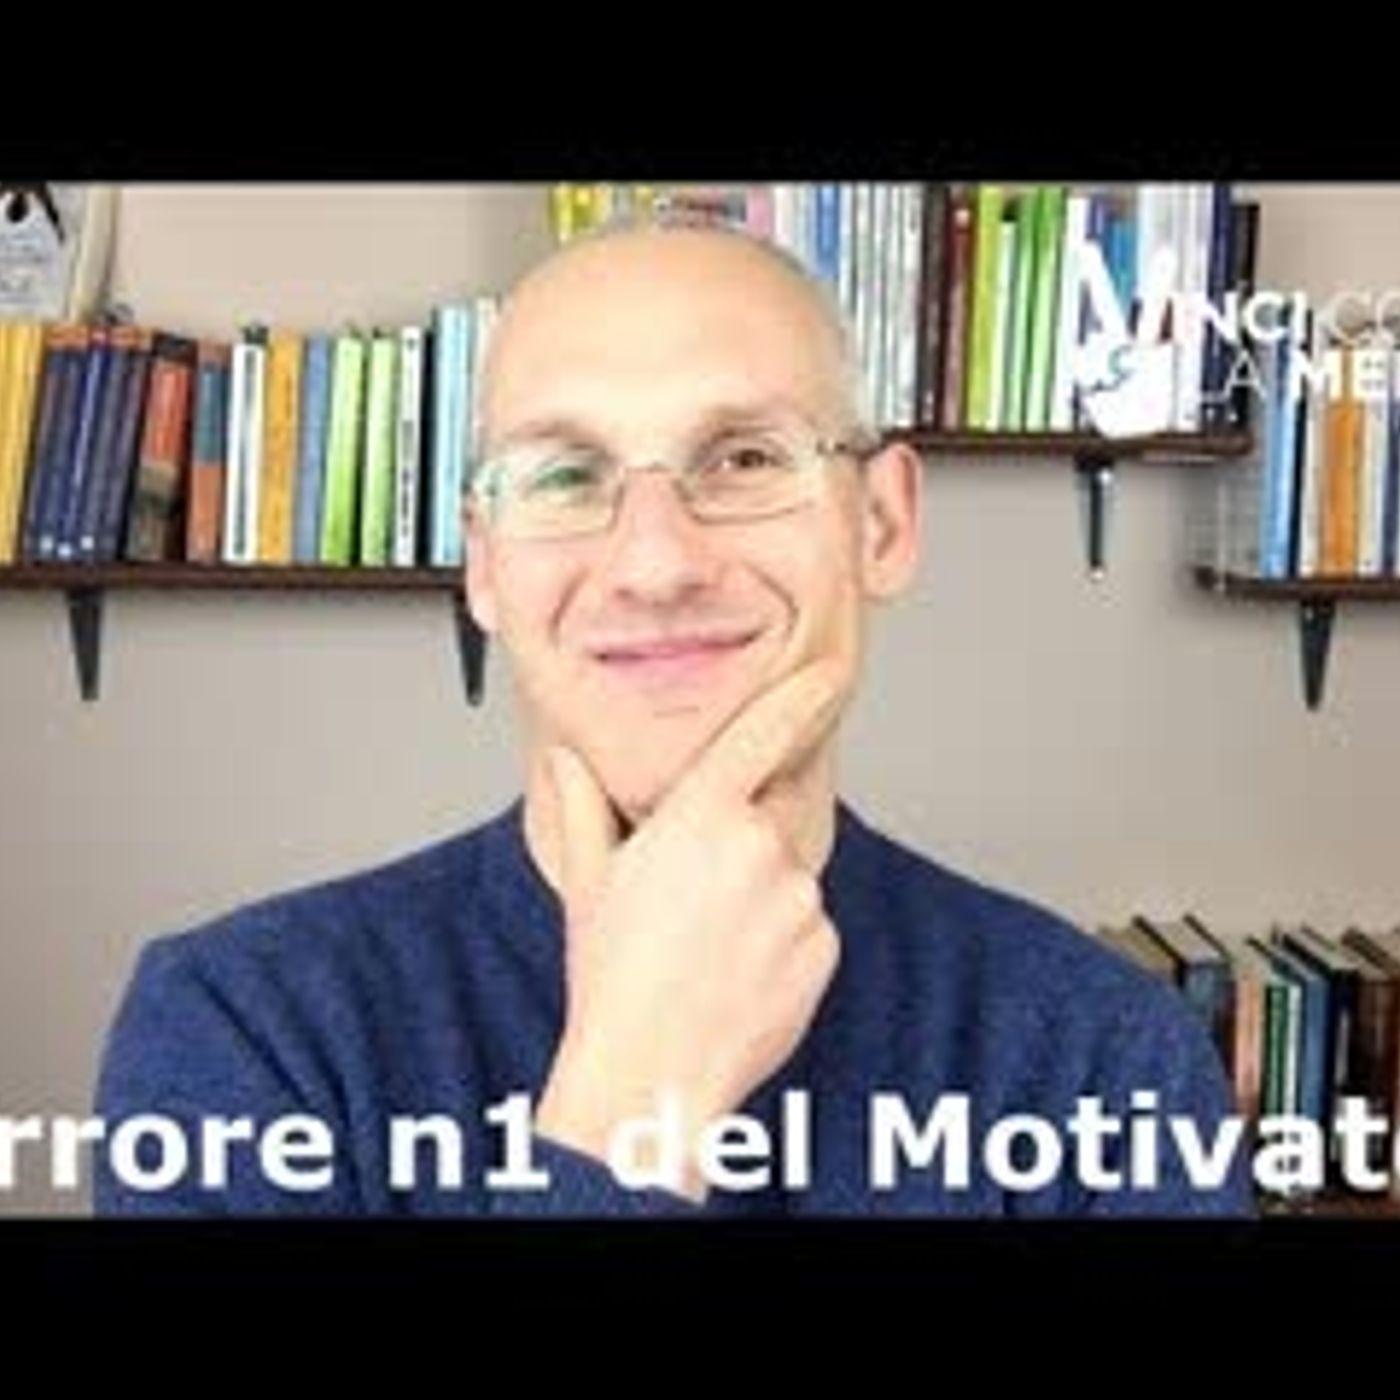 L' errore n°1 del motivatore - Perle di Coaching